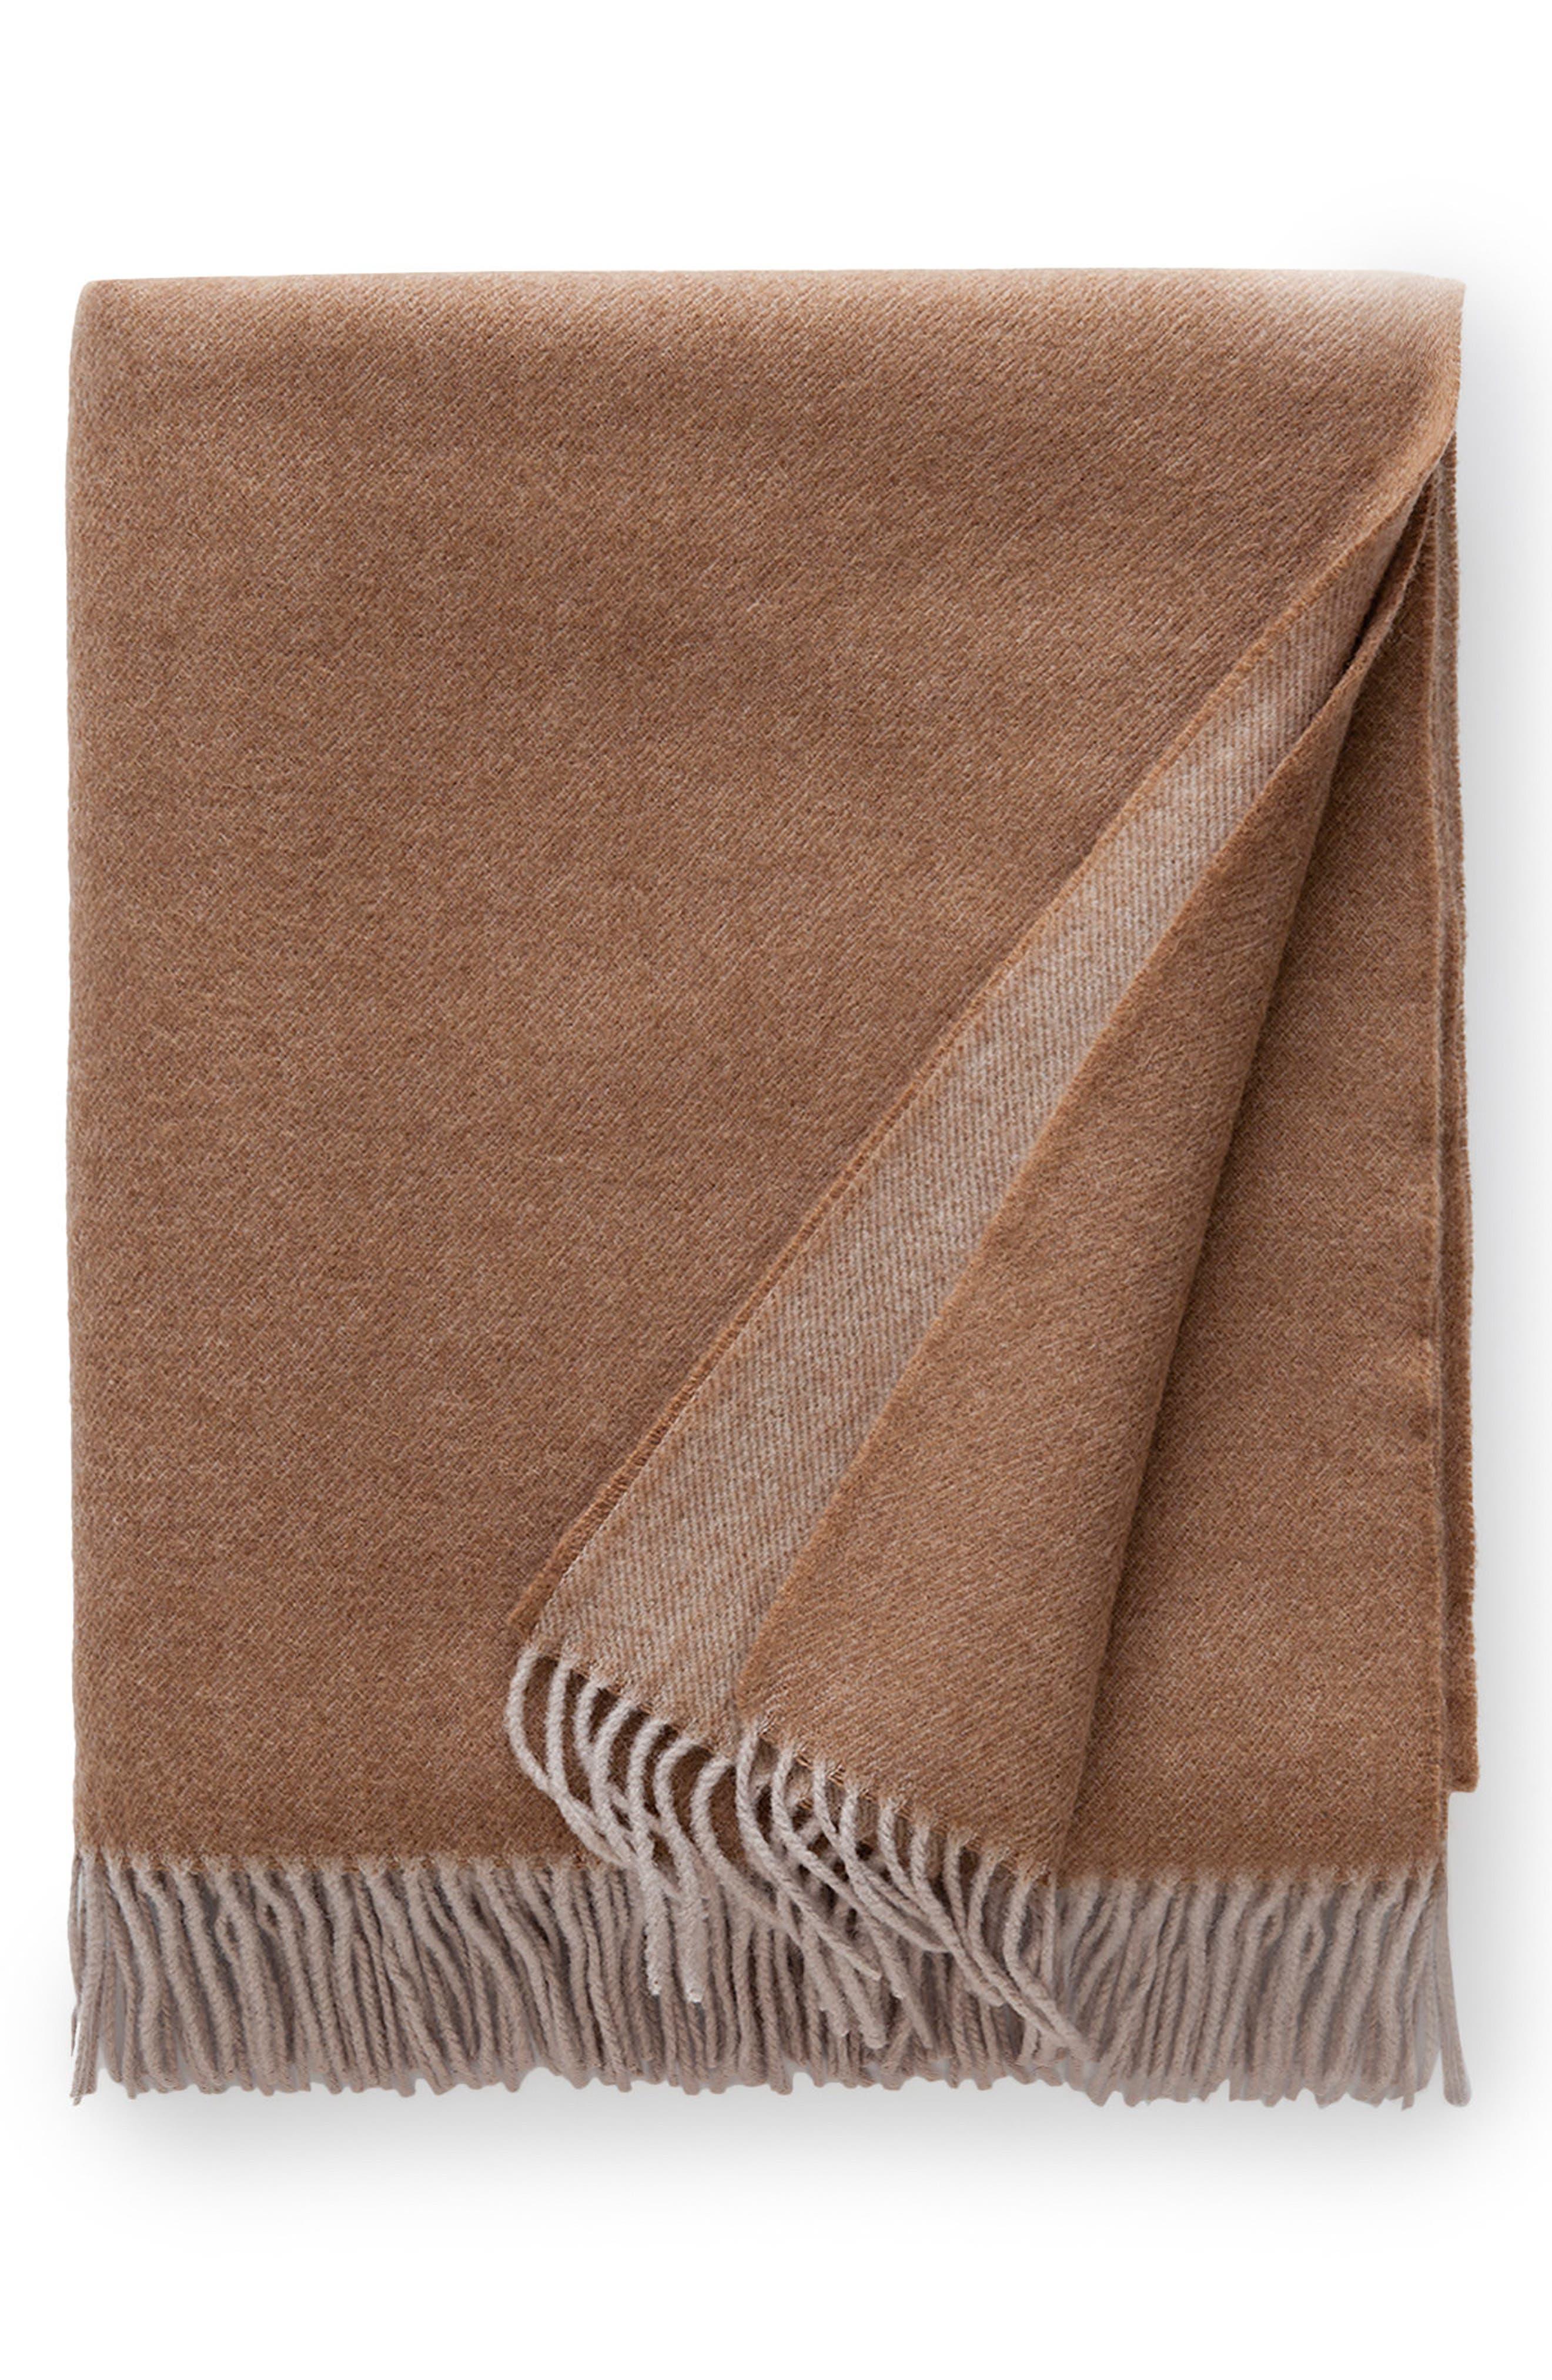 Main Image - SFERRA Tartini Merino Wool Throw